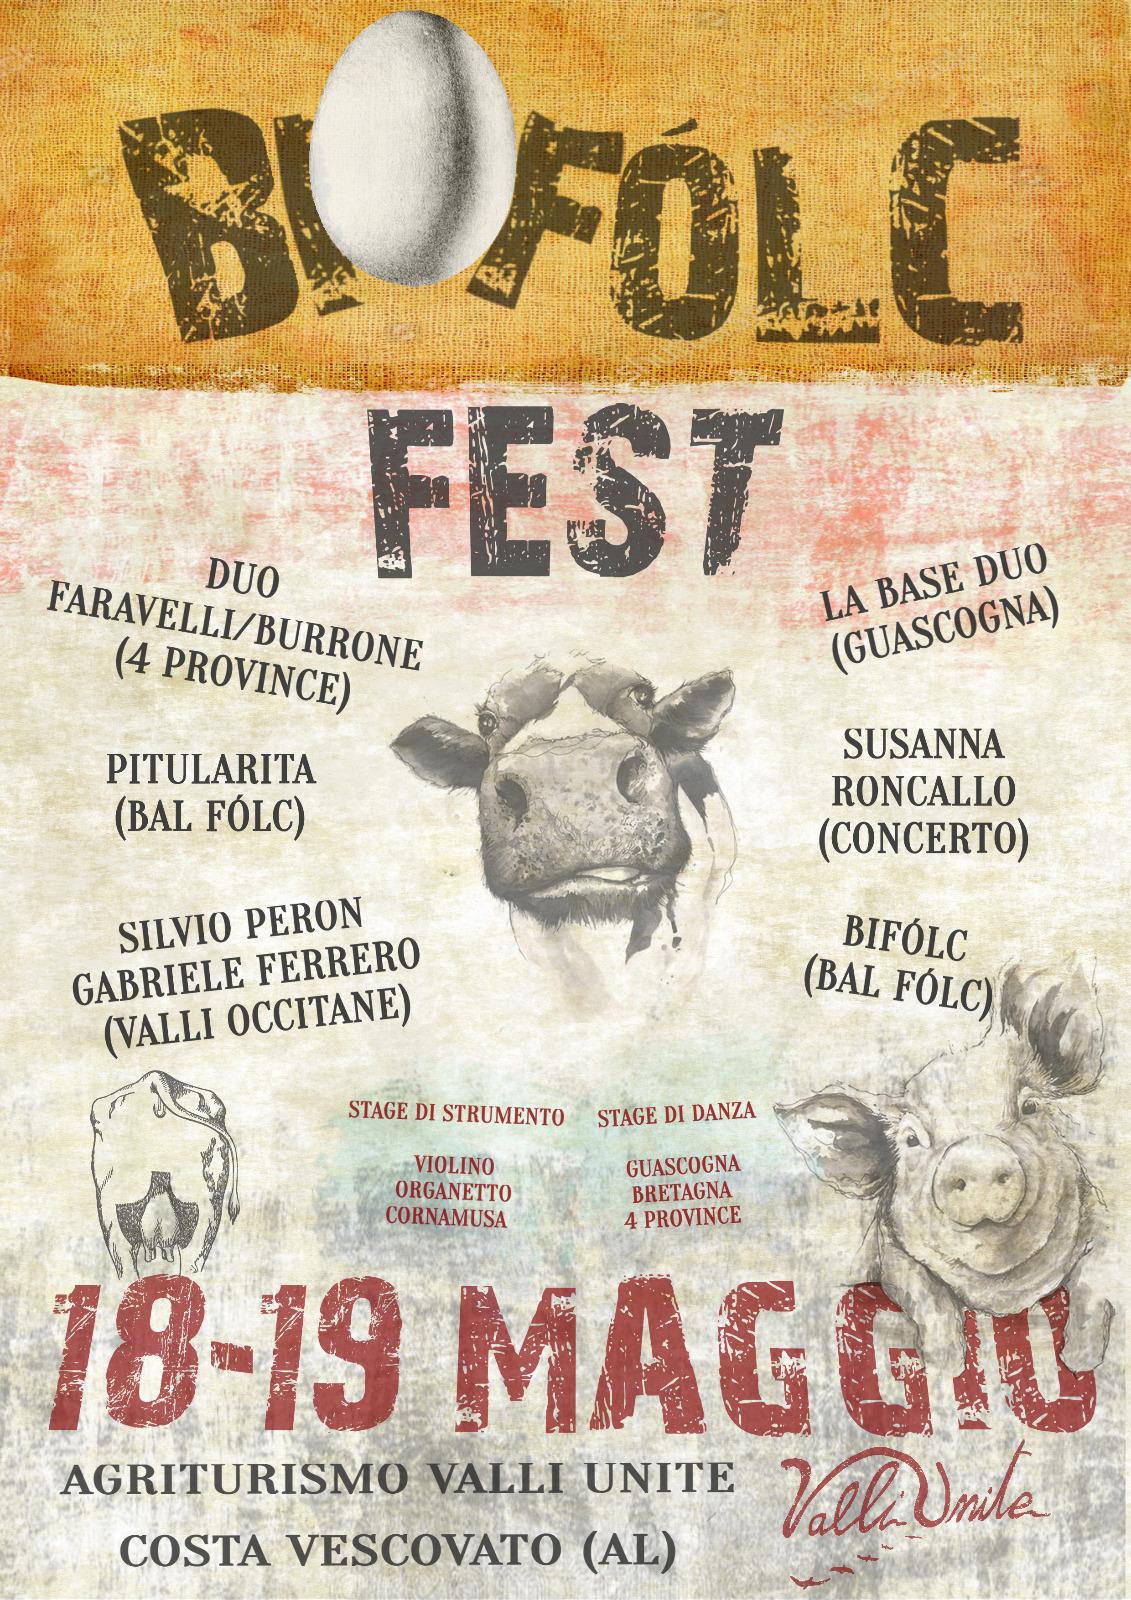 18 e 19 Maggio BIOFOLC FEST